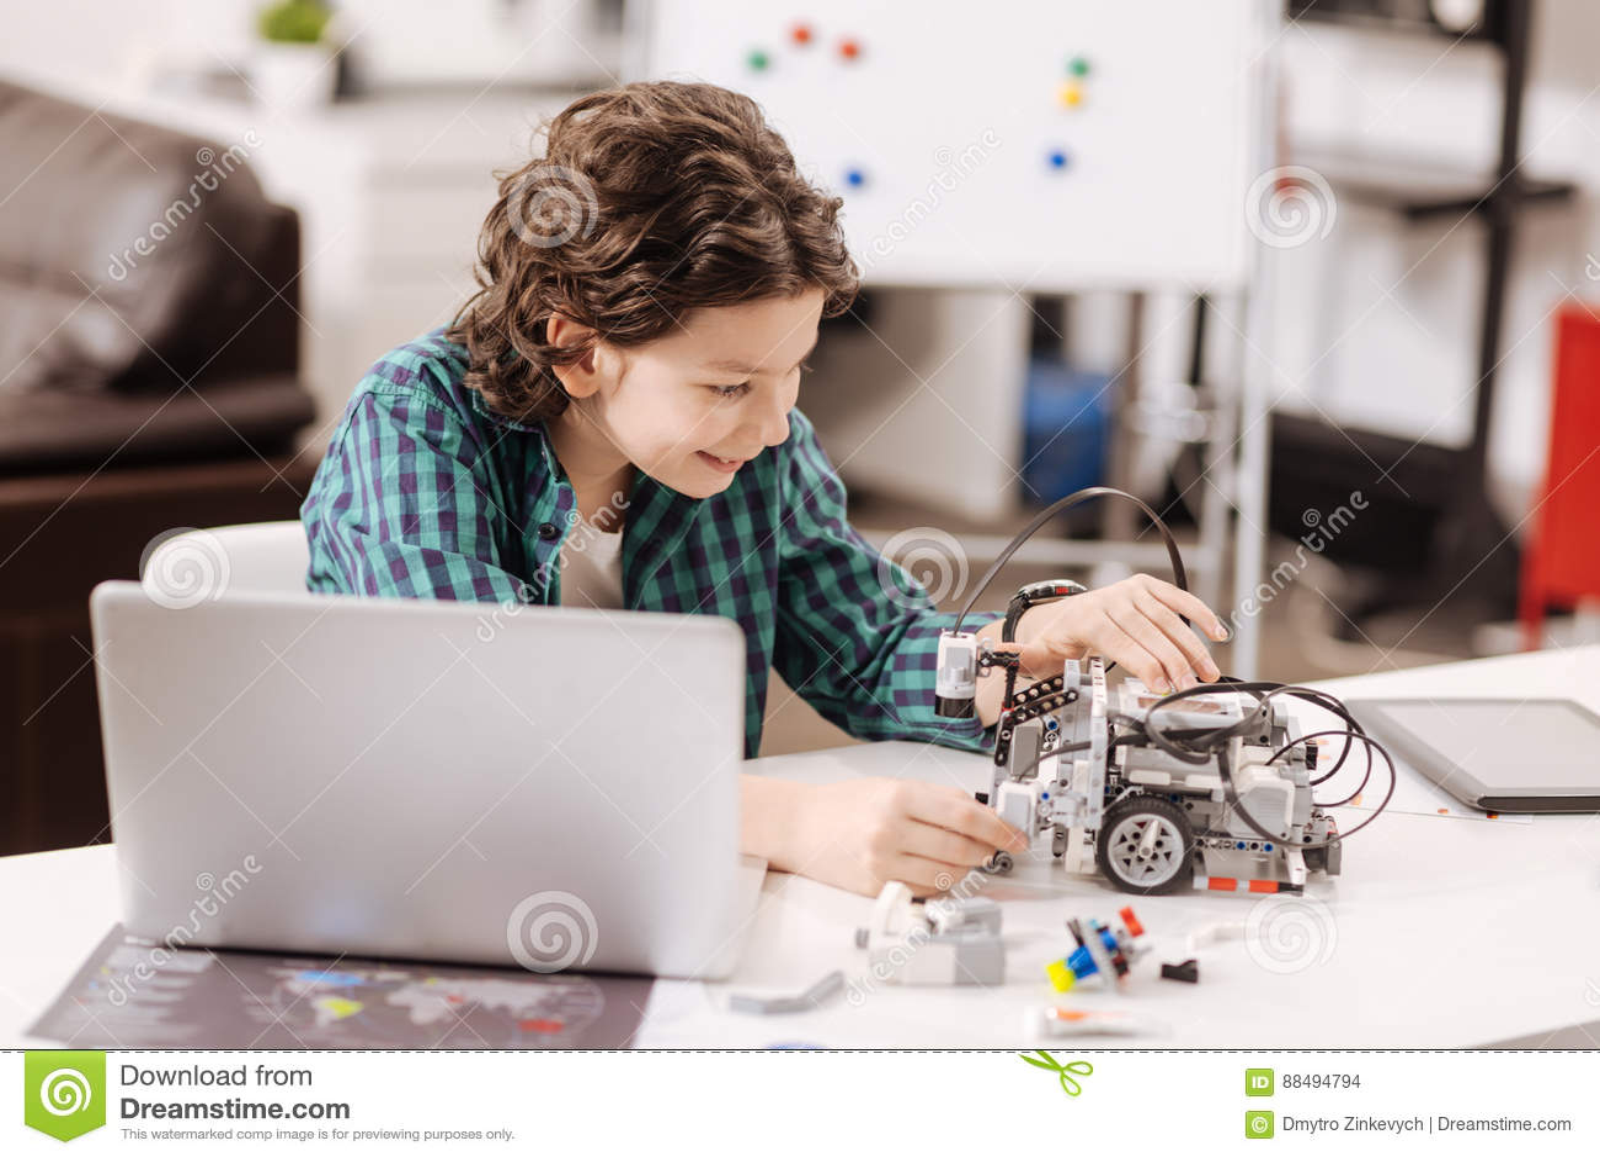 Błoga chłopiec używa nowożytnych przyrząda w nauki studiu